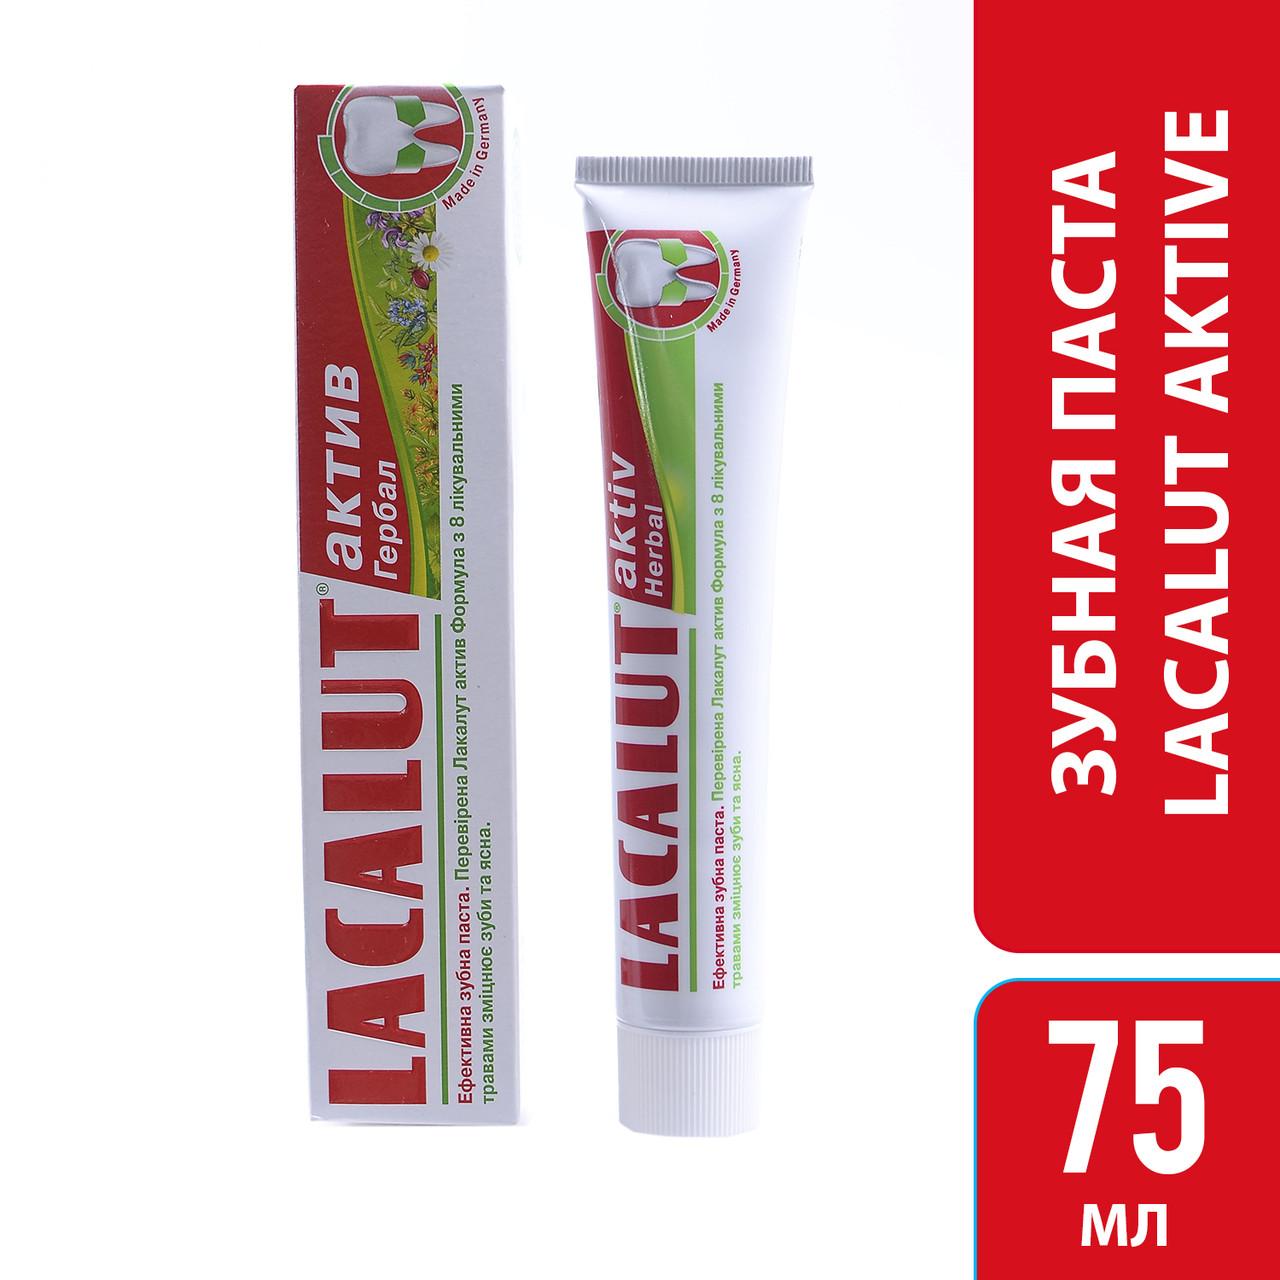 Лакалут актив Гербал зубная паста 75 мл, 1 шт.